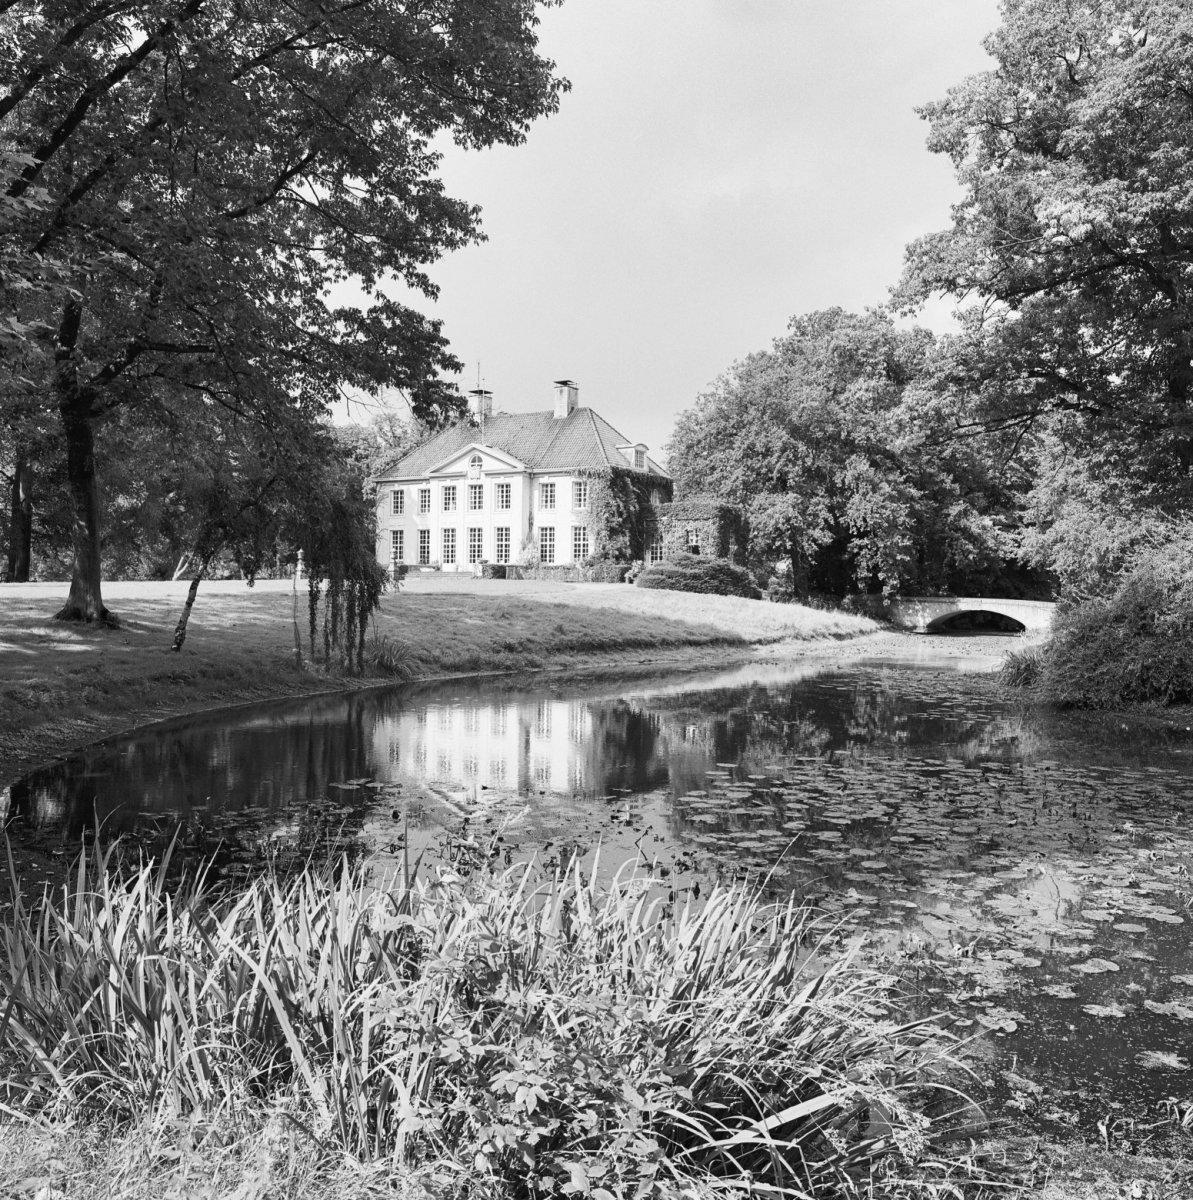 Soeterbeek drie bruggen in nuenen monument for Huis en tuin nuenen